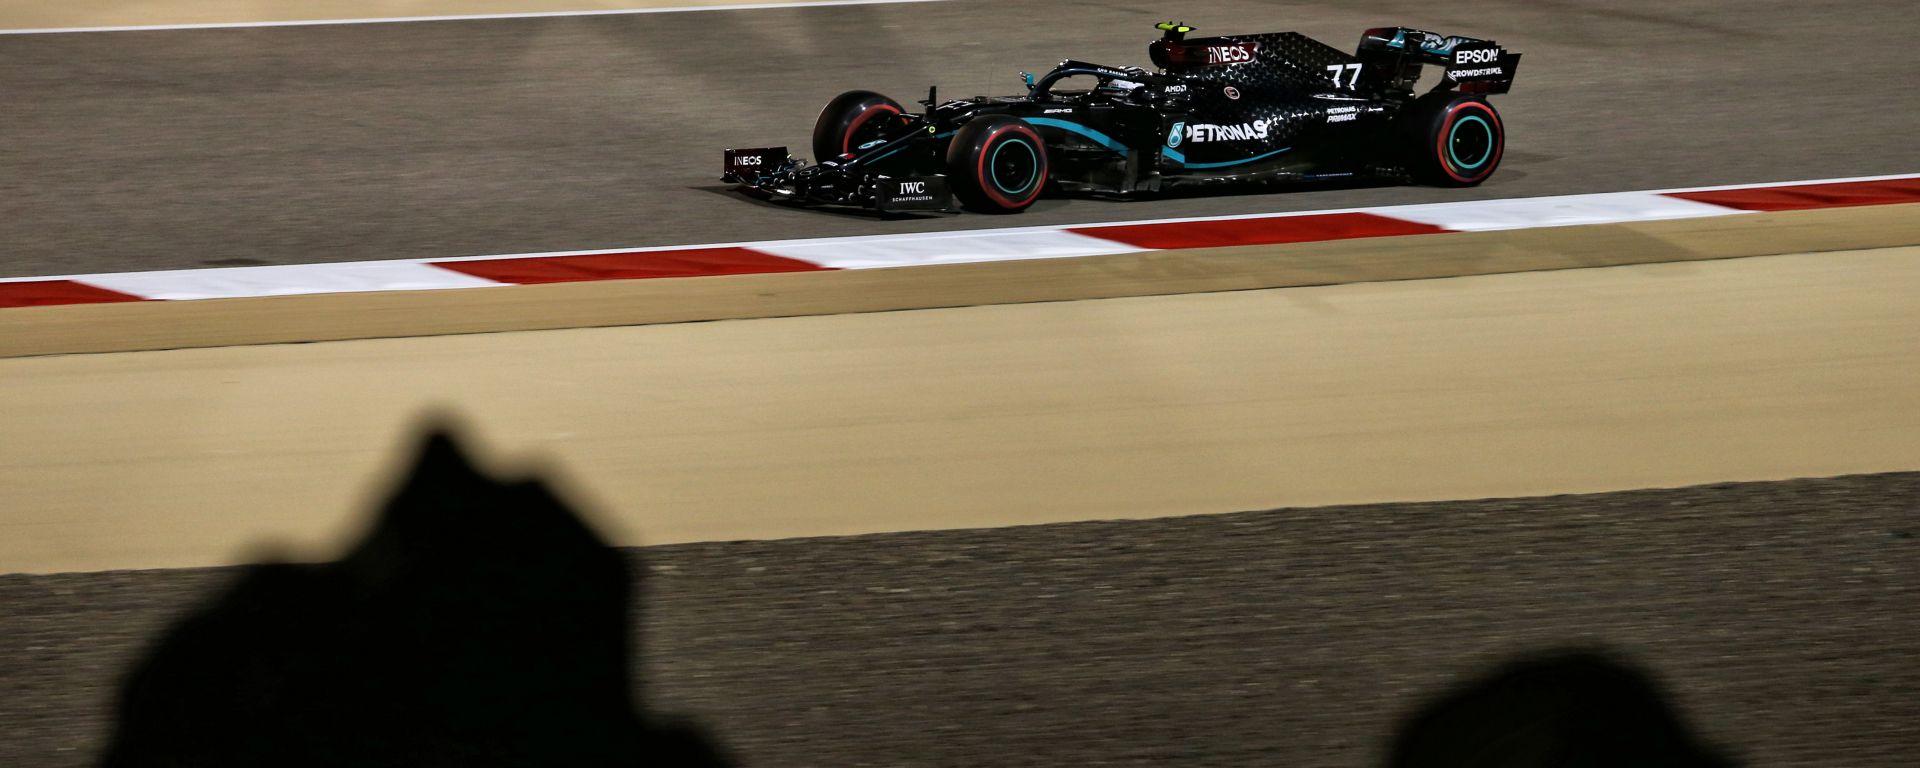 F1 GP Sakhir 2020, Manama: Valtteri Bottas (Mercedes AMG F1)